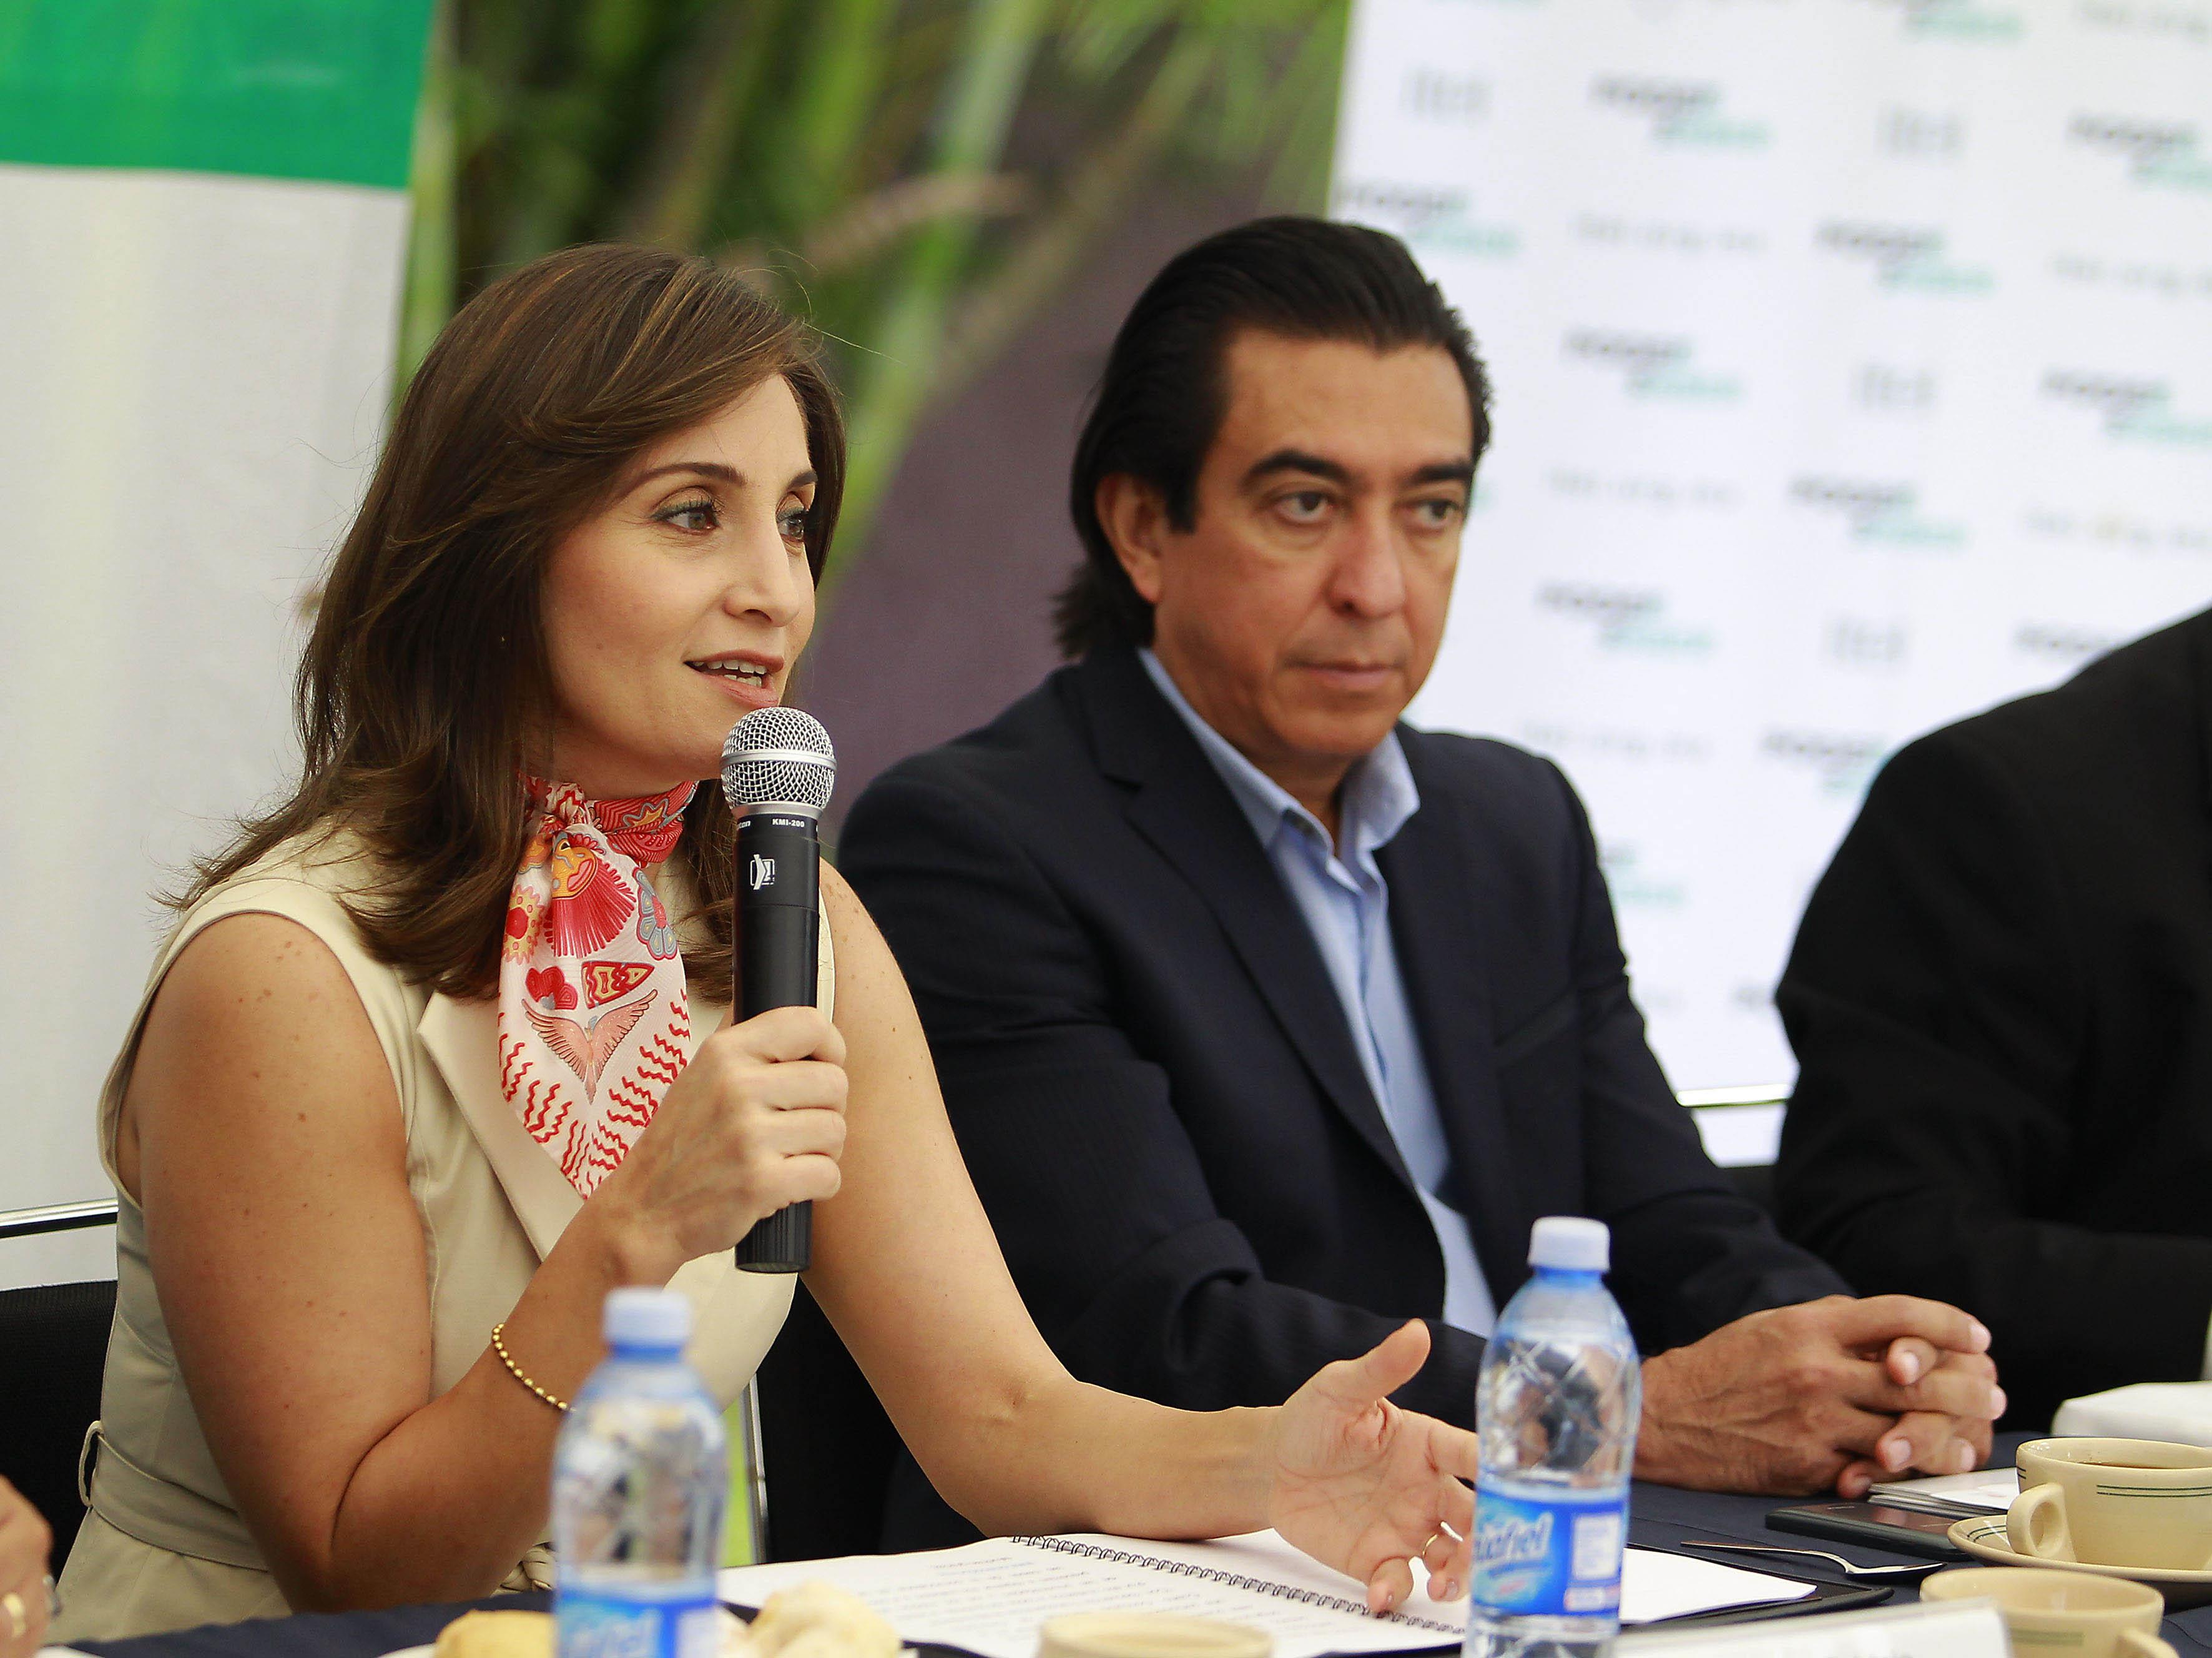 Cynthia Patricia Cantero Pacheco, reelecta al frente del Instituto de Transparencia, Información Pública y Protección de Datos Personales del Estado de Jalisco (ITEI), con micrófono en mano haciendo uso de la palabra en evento.